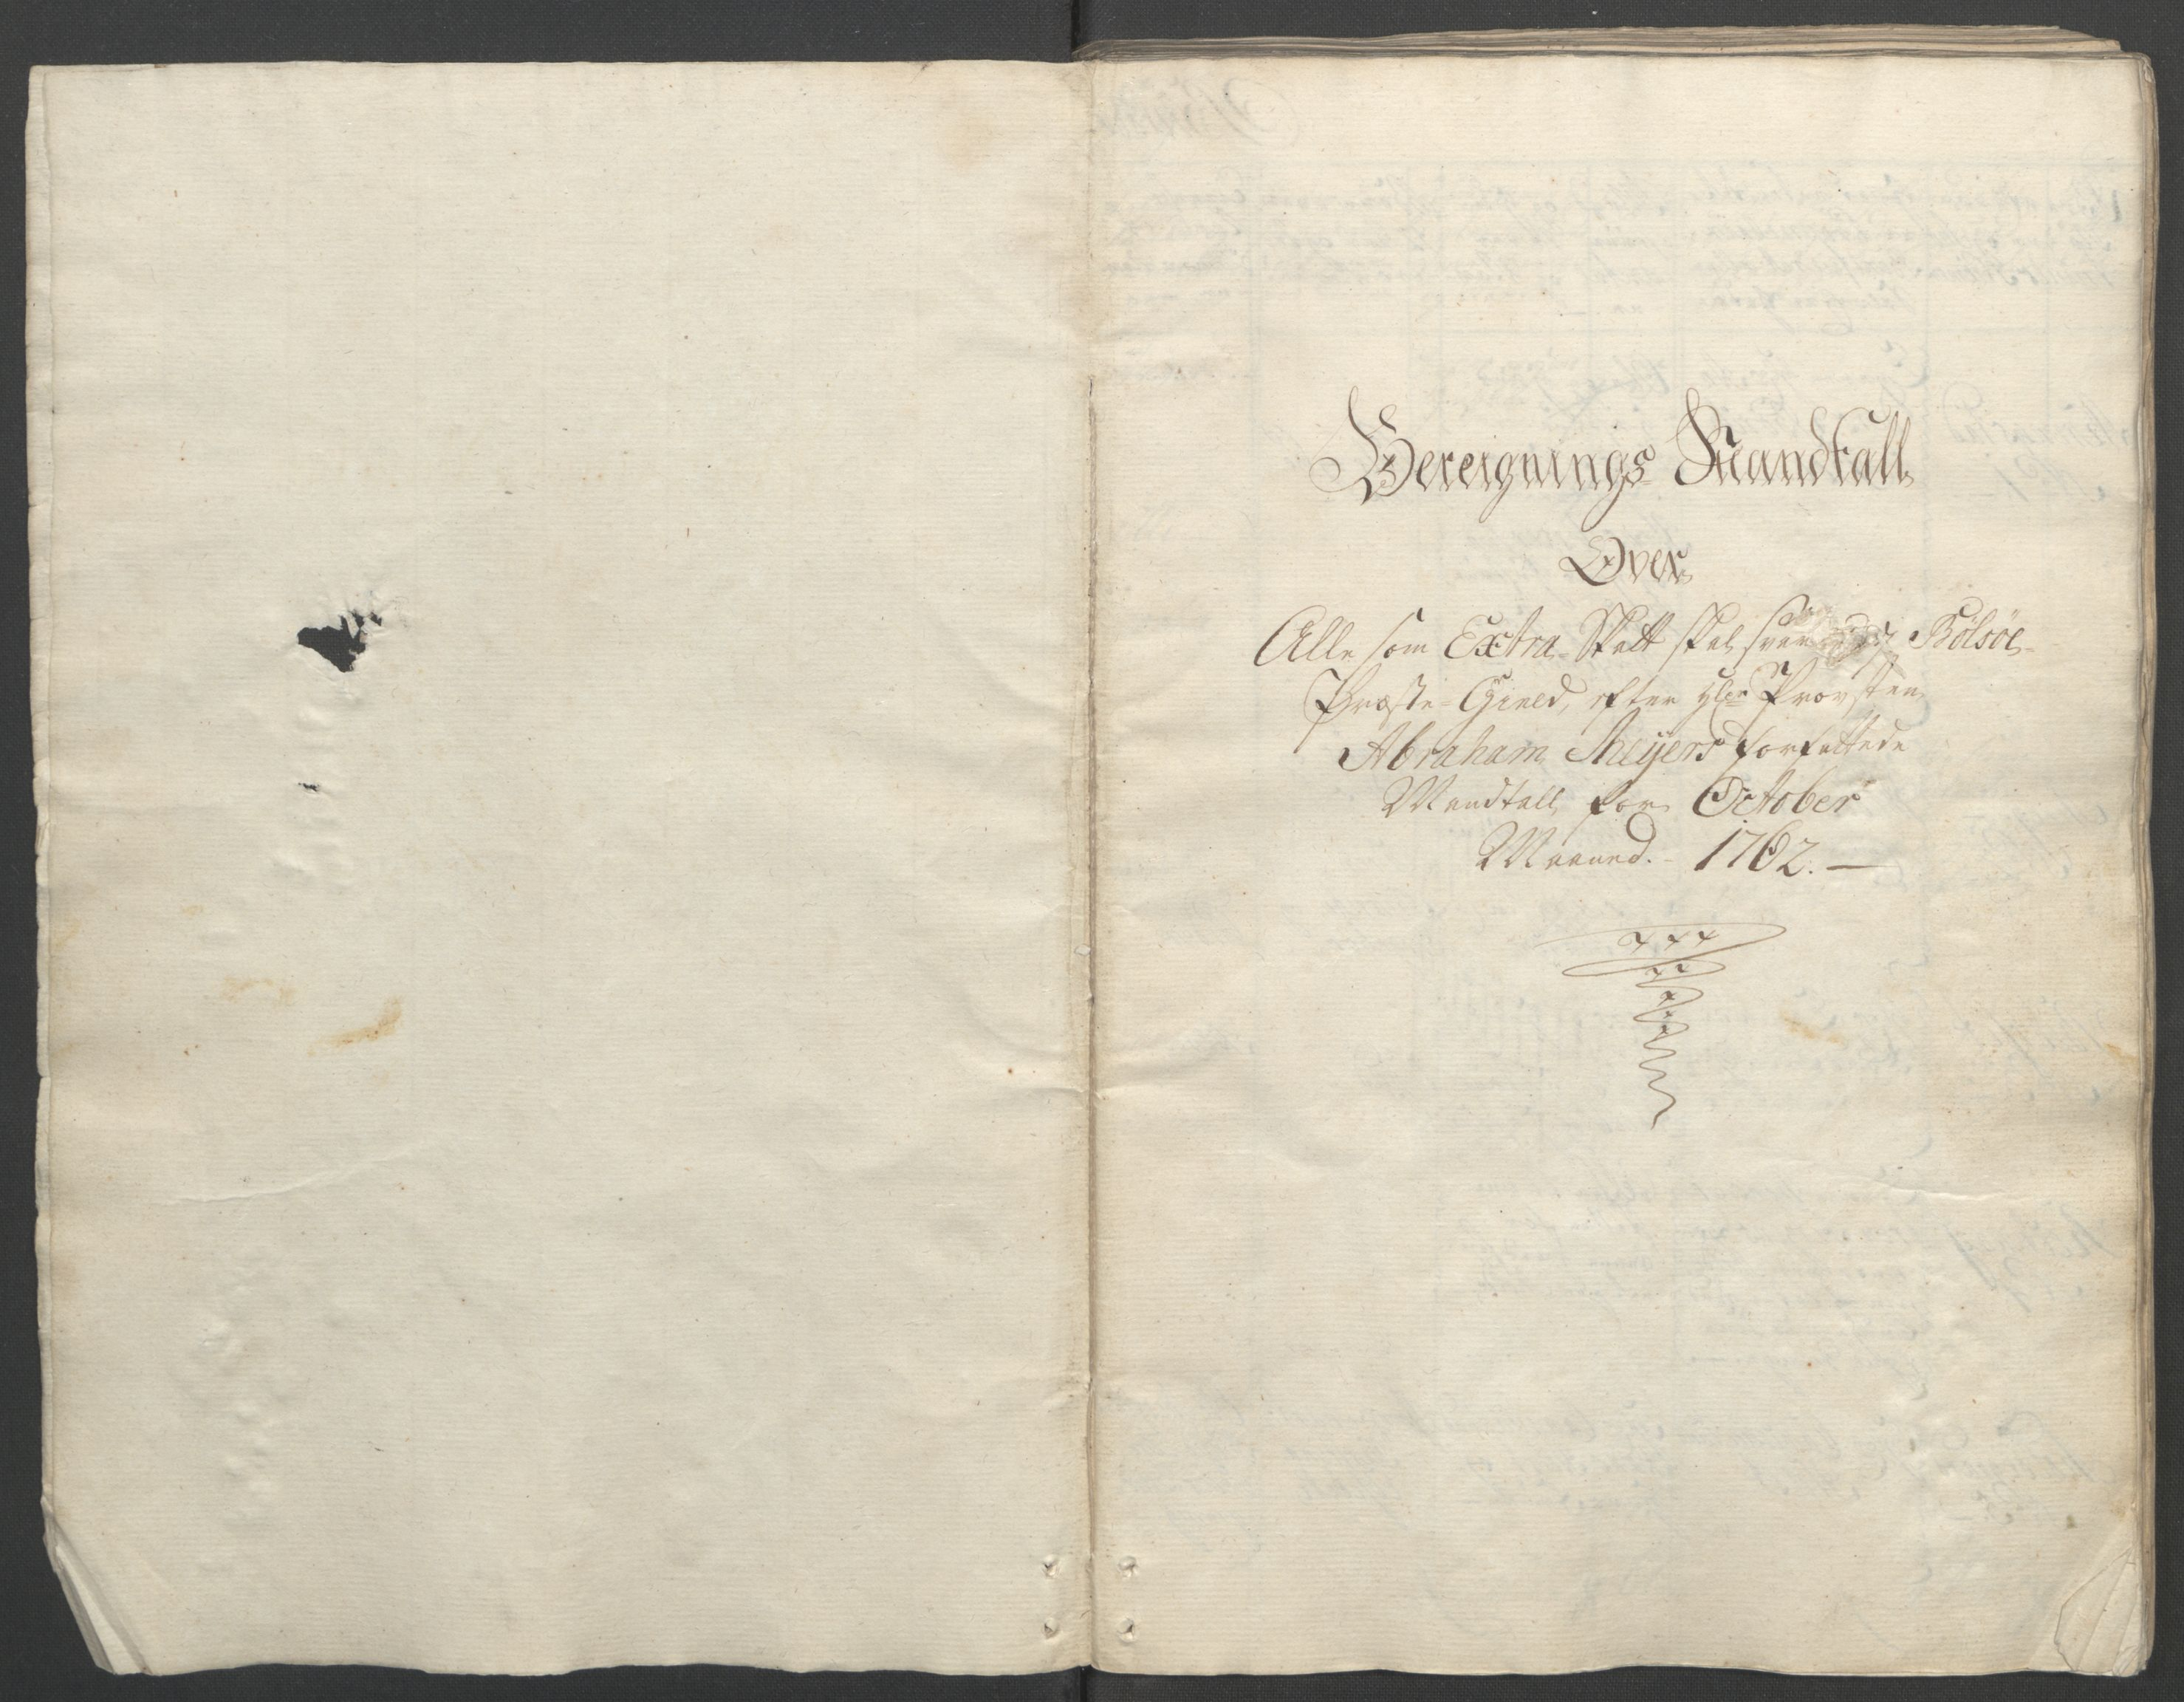 RA, Rentekammeret inntil 1814, Reviderte regnskaper, Fogderegnskap, R55/L3730: Ekstraskatten Romsdal, 1762-1763, s. 12